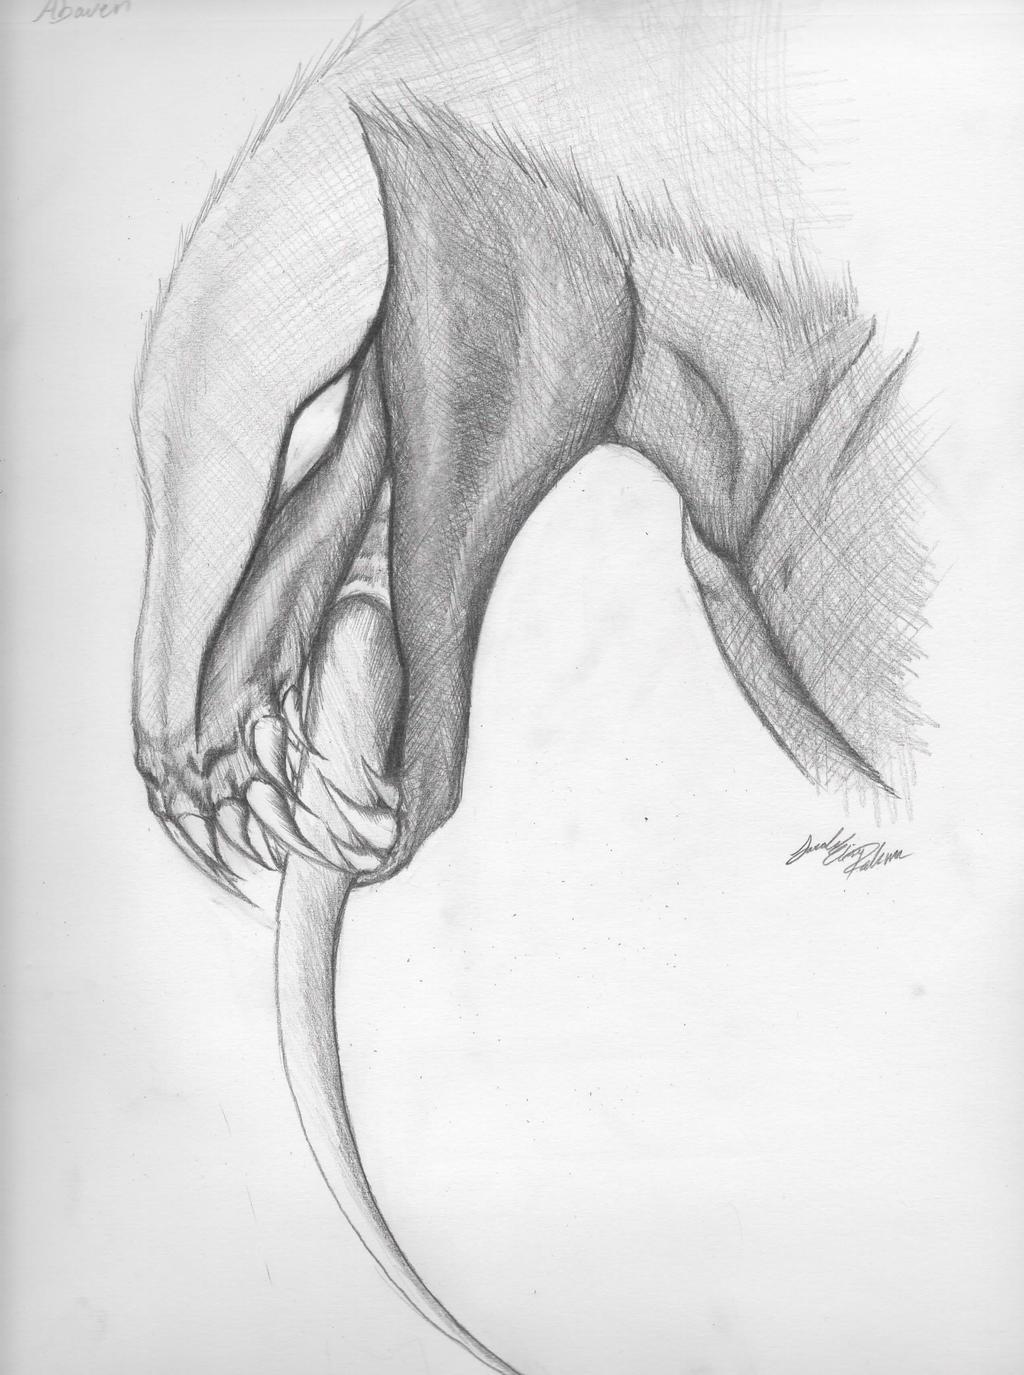 Sketchbook Drawing Of Abaven 33